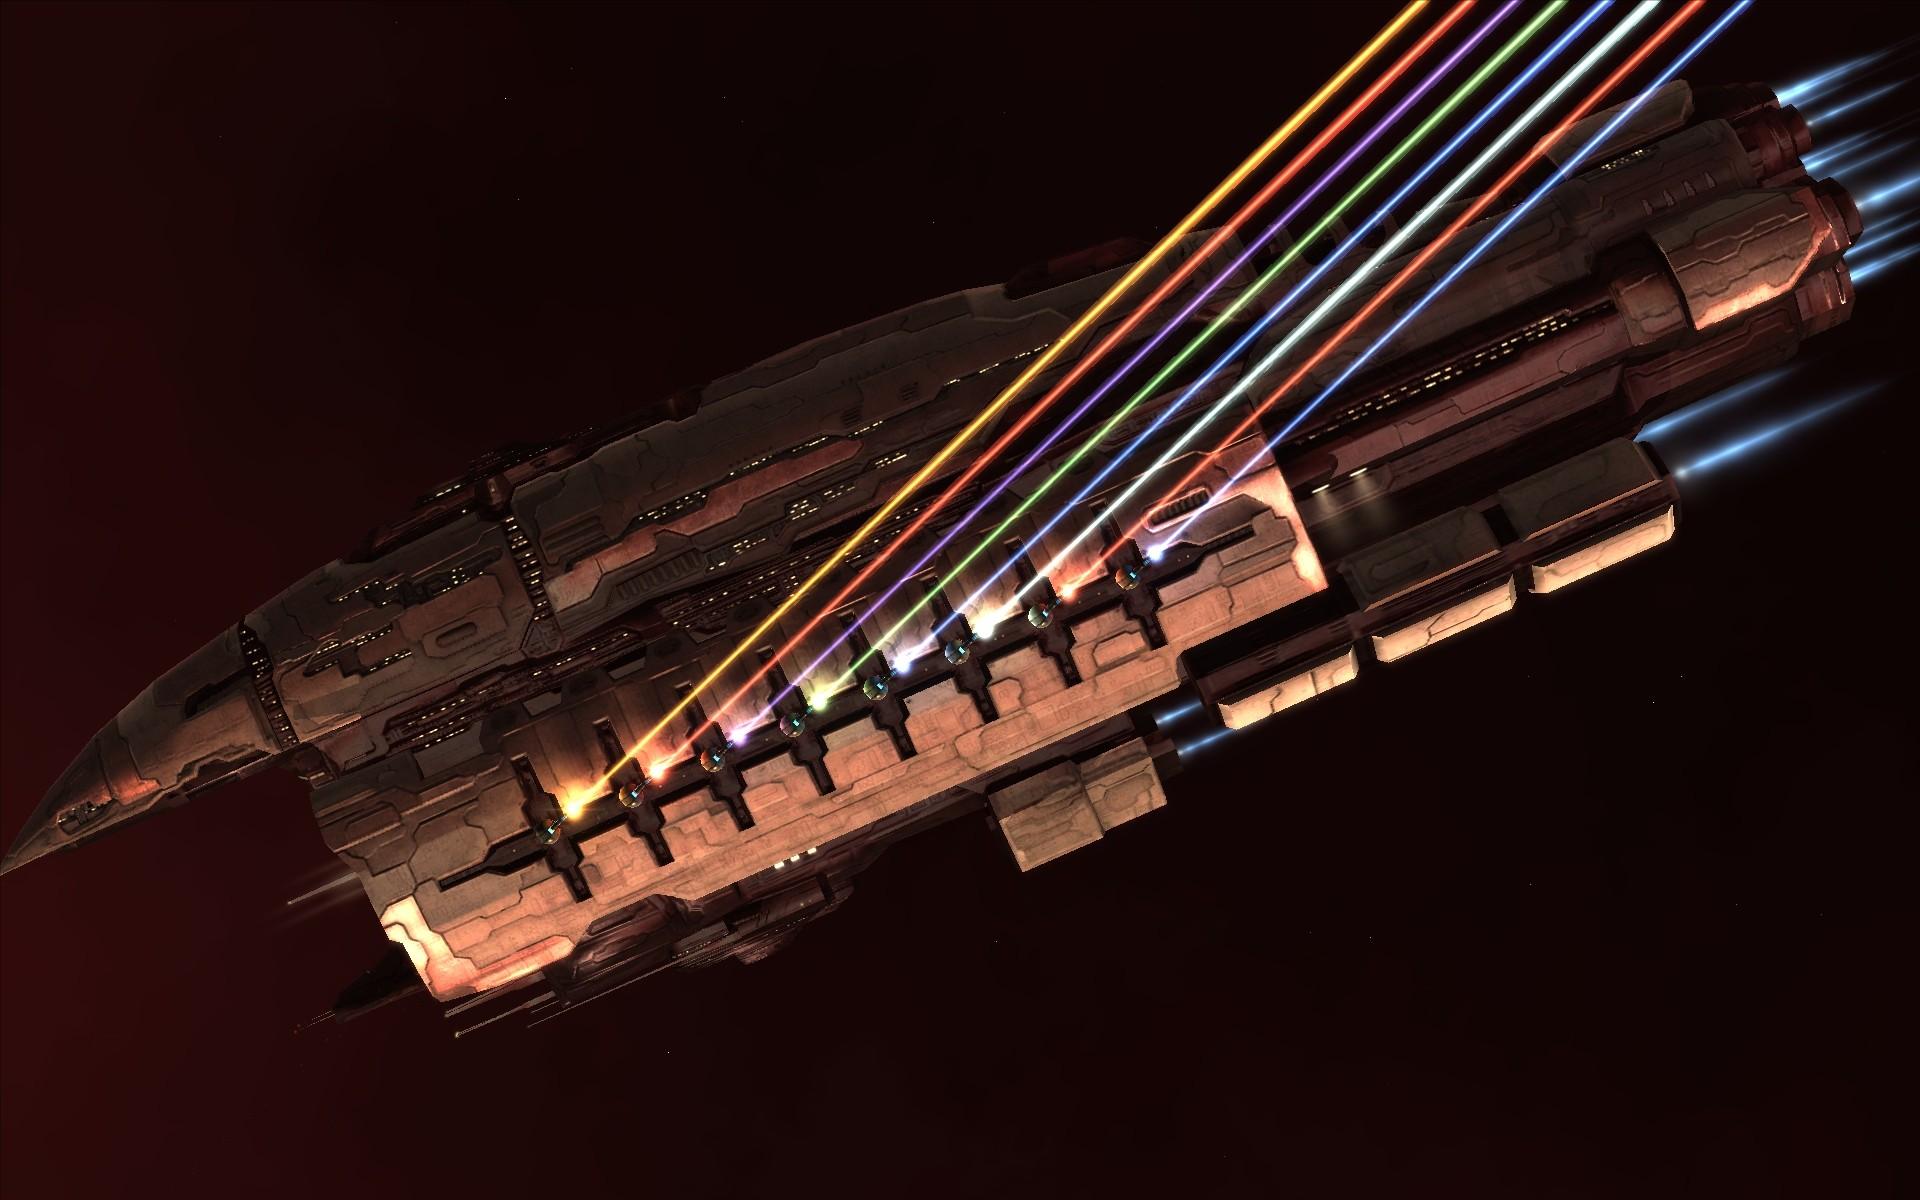 Обои космический корабль оружие